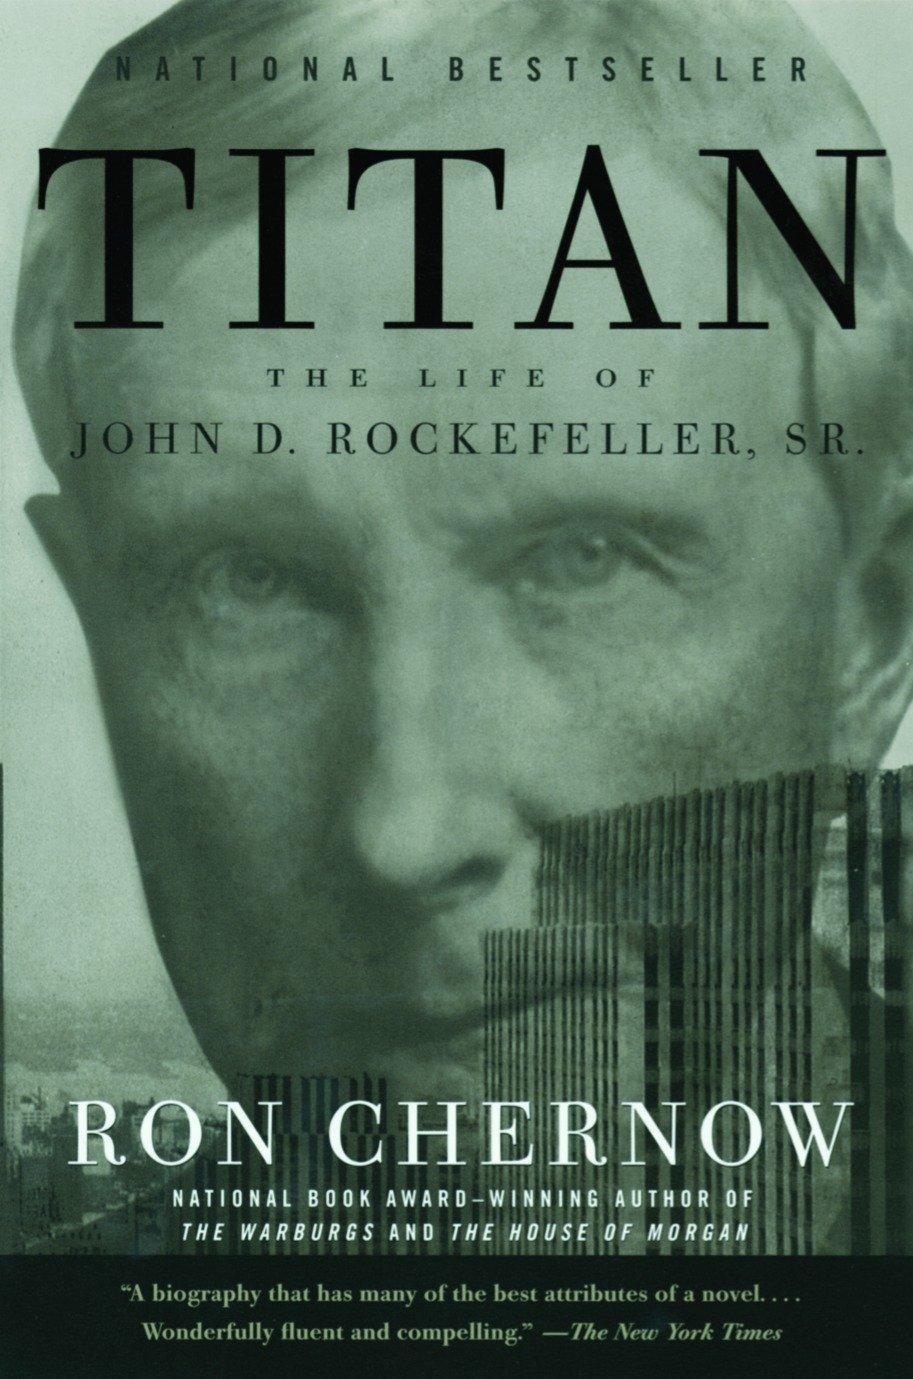 Image result for Titan: The Life of John D. Rockefeller, Sr by Ron Chernow